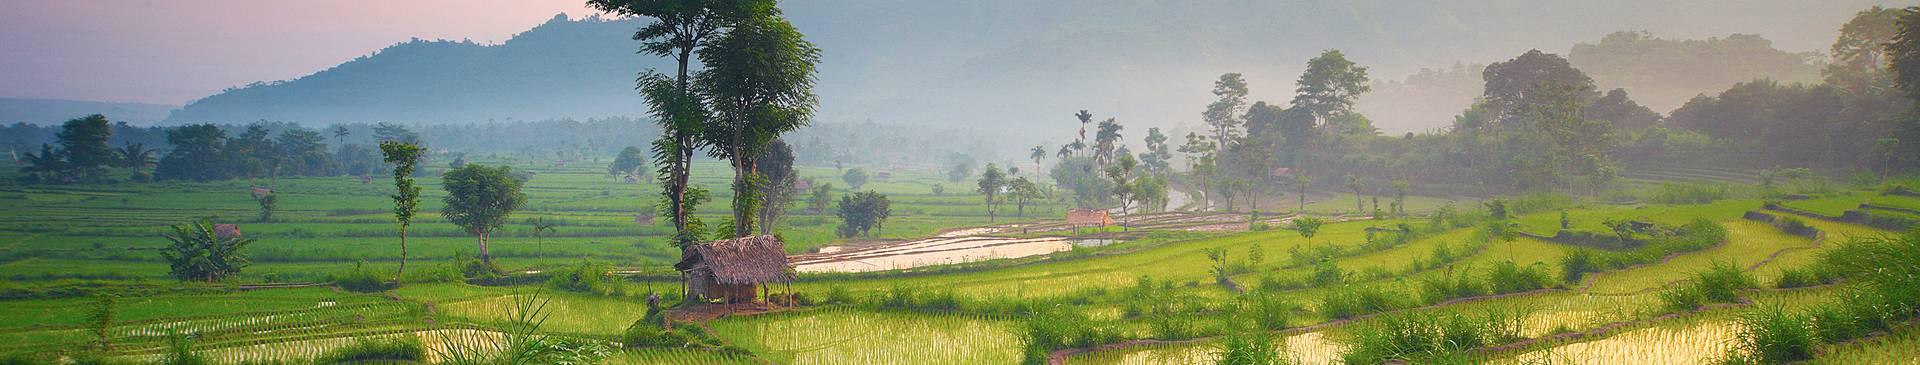 Naturreisen Bali